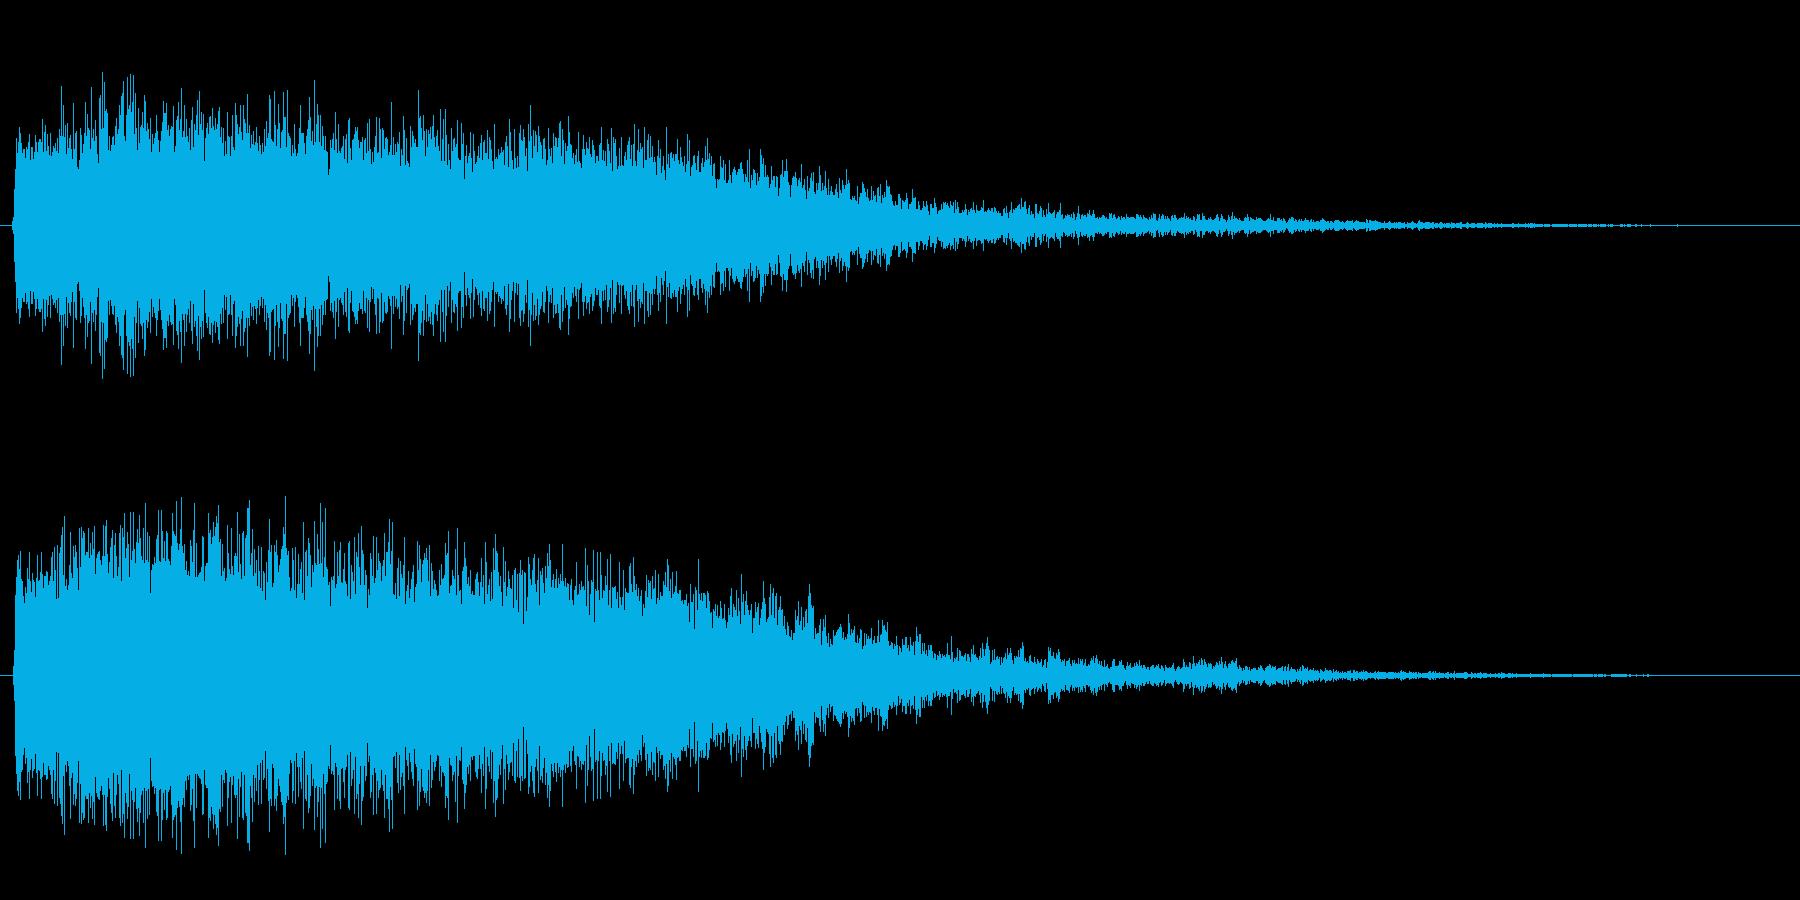 フェーザー(回転音)の再生済みの波形